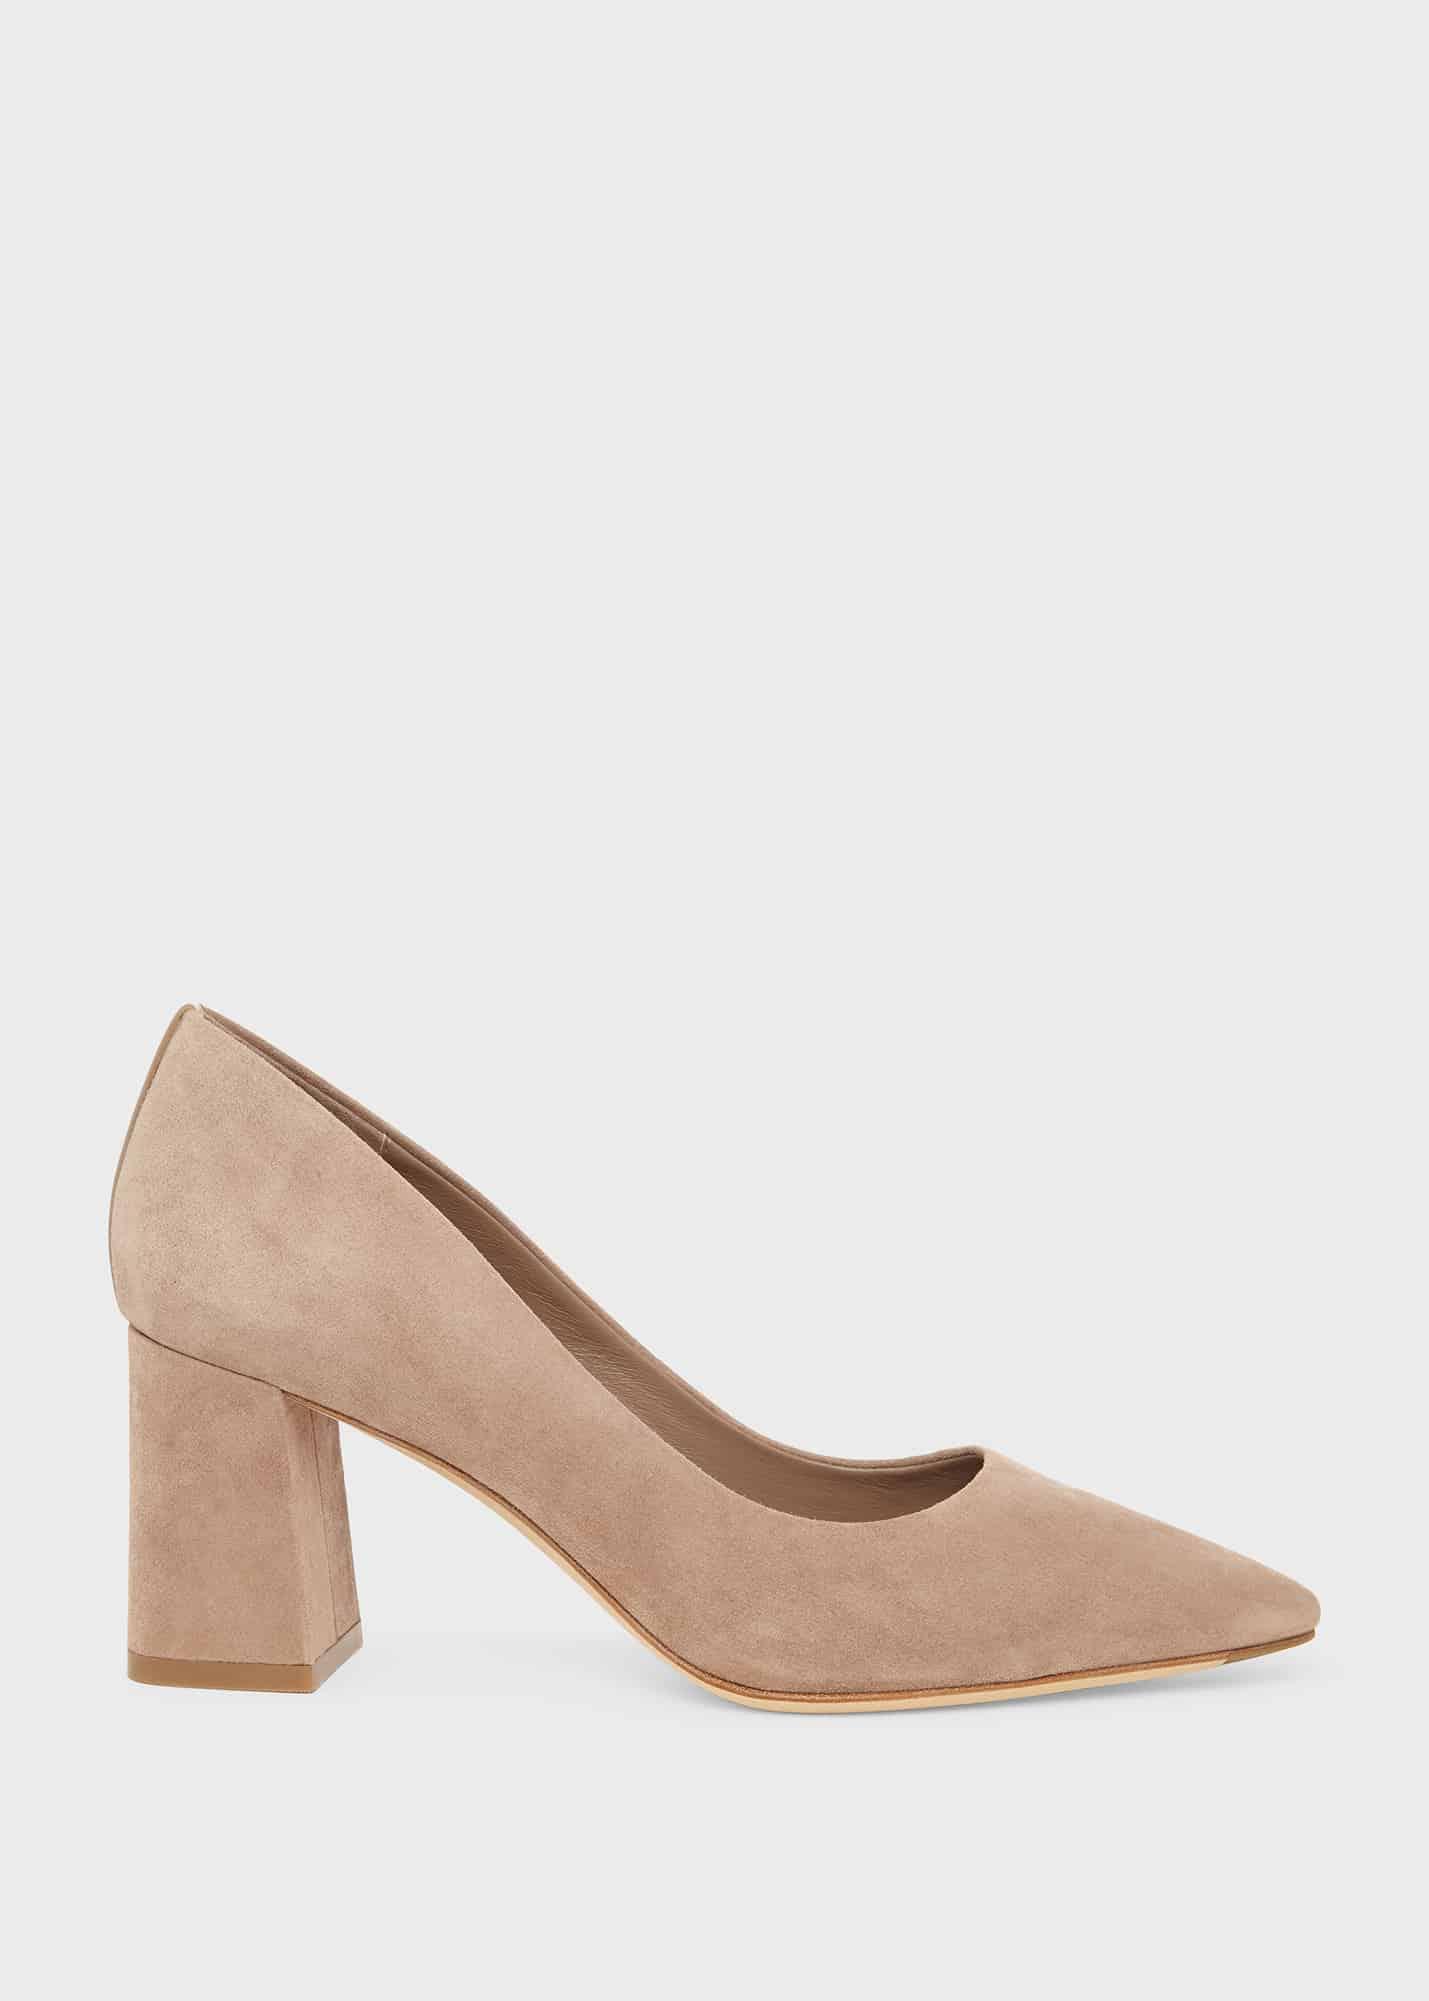 Hobbs Women Nicola Suede Court Shoes